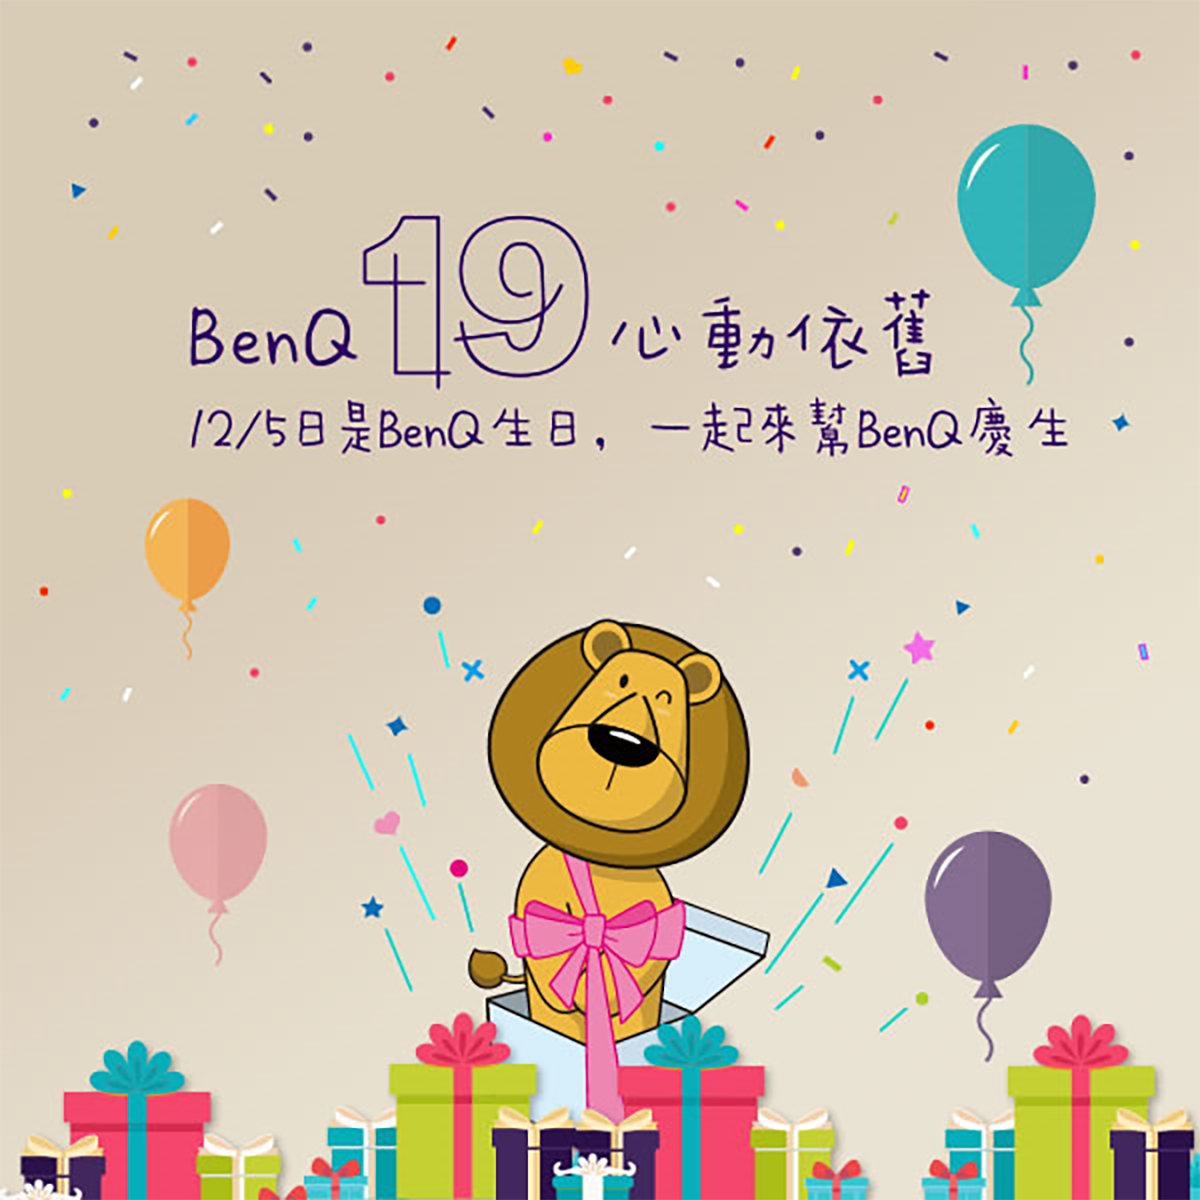 2月5日是BenQ生日